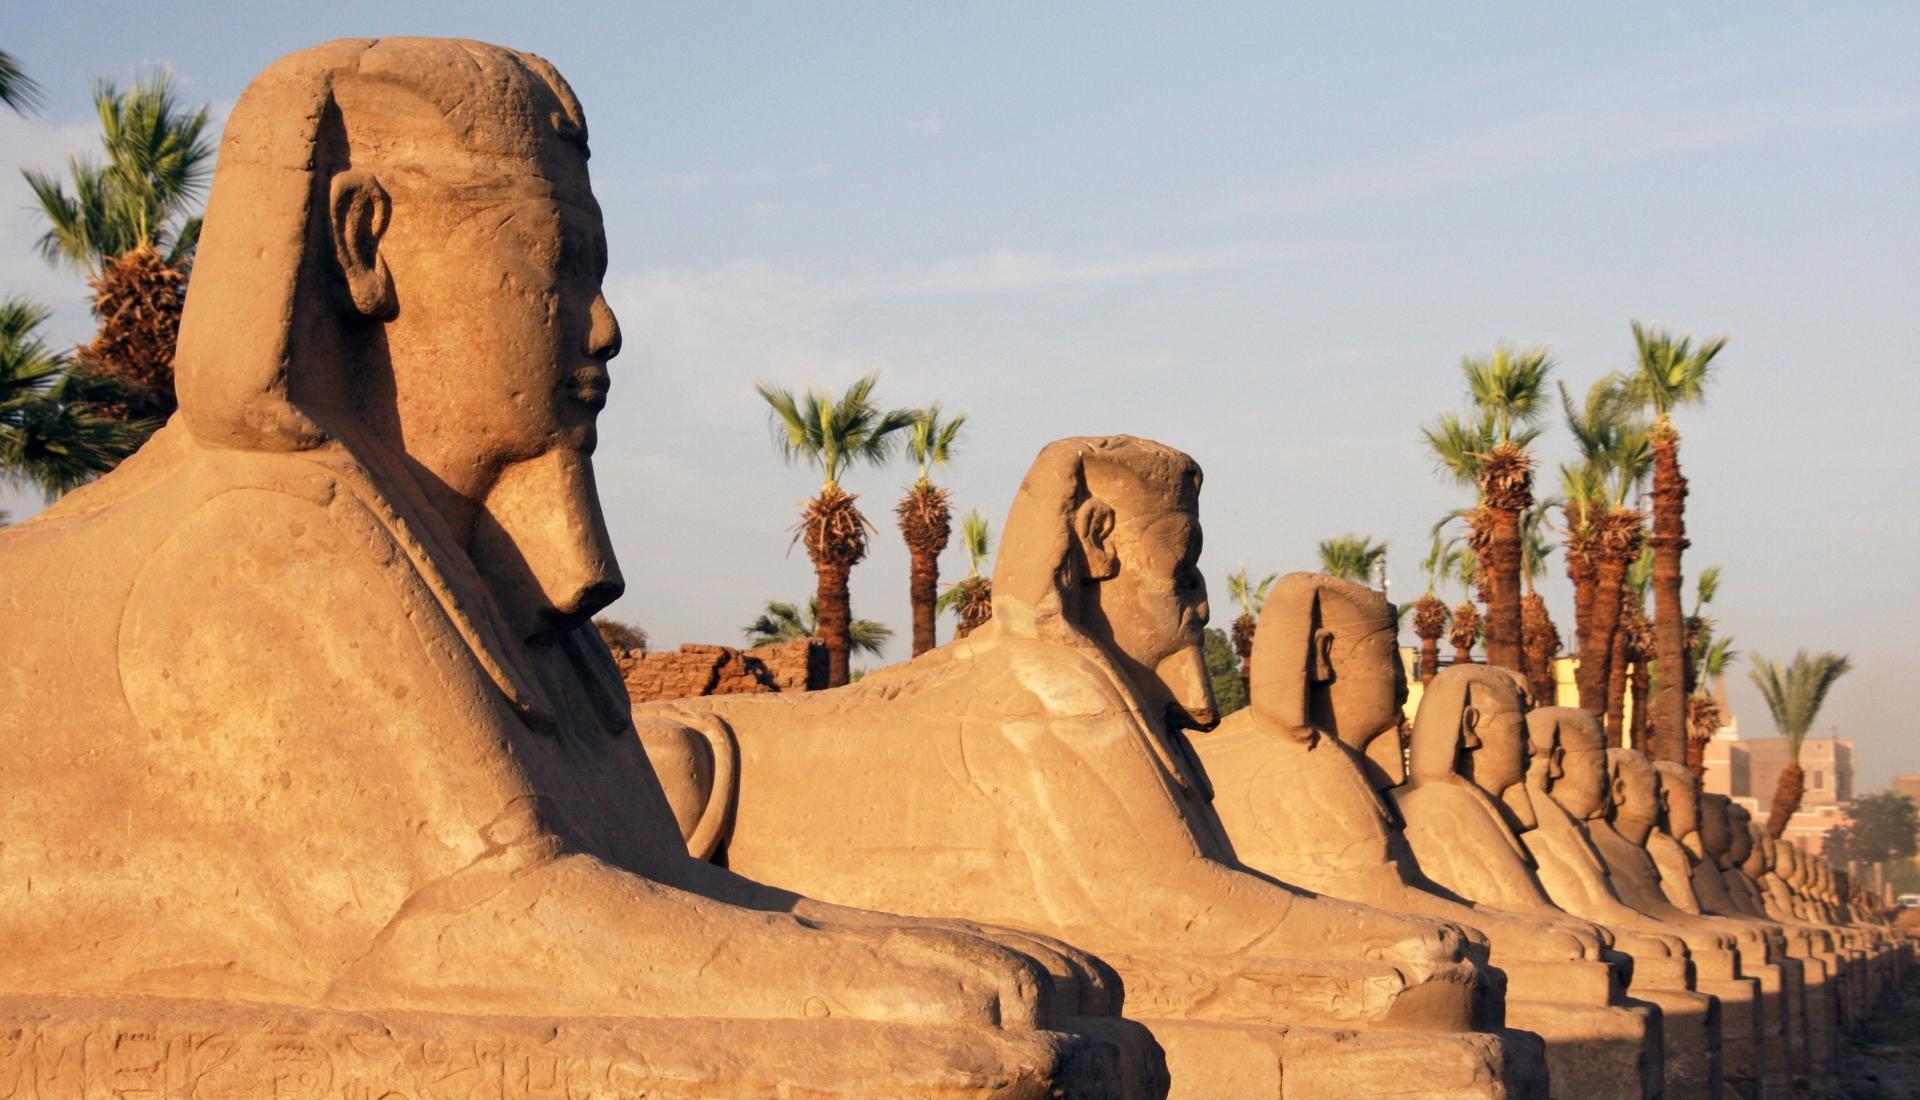 Egipto Fantástico - até Abr 2022